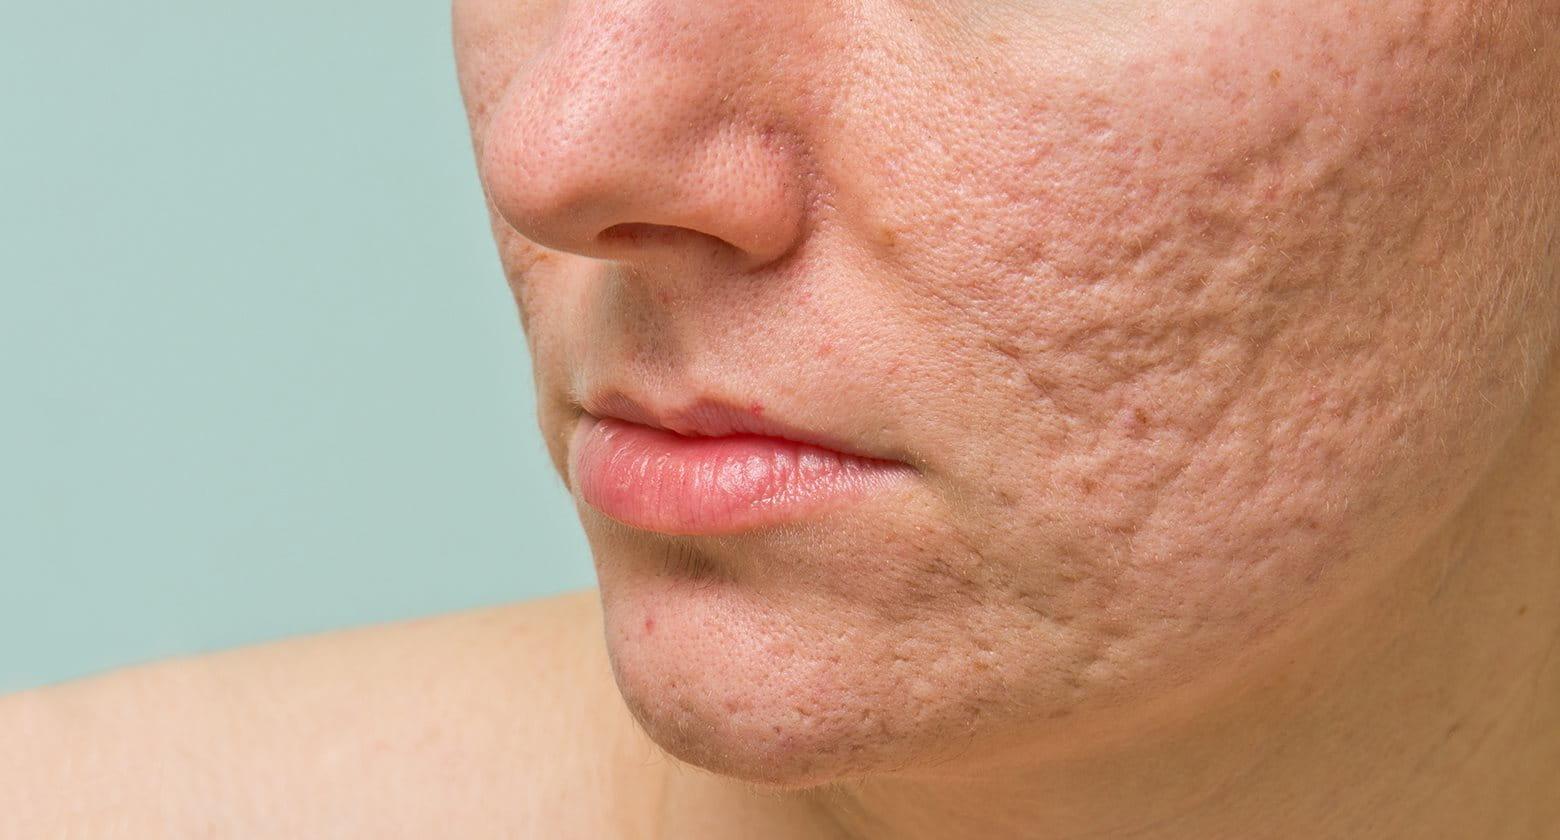 Las cicatrices del acné en la piel